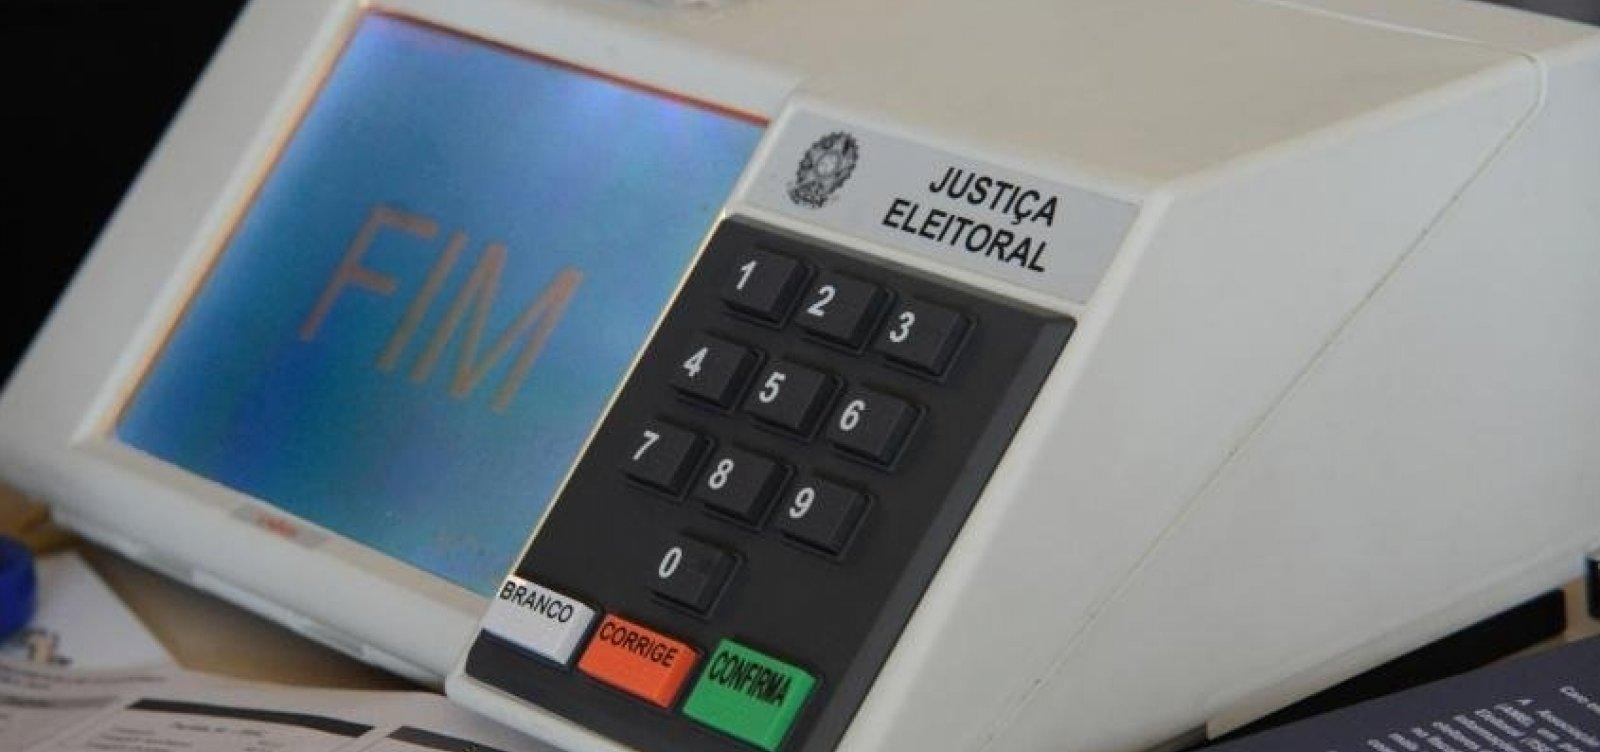 Mesária é presa após divulgar boato sobre suposta fraude em urna